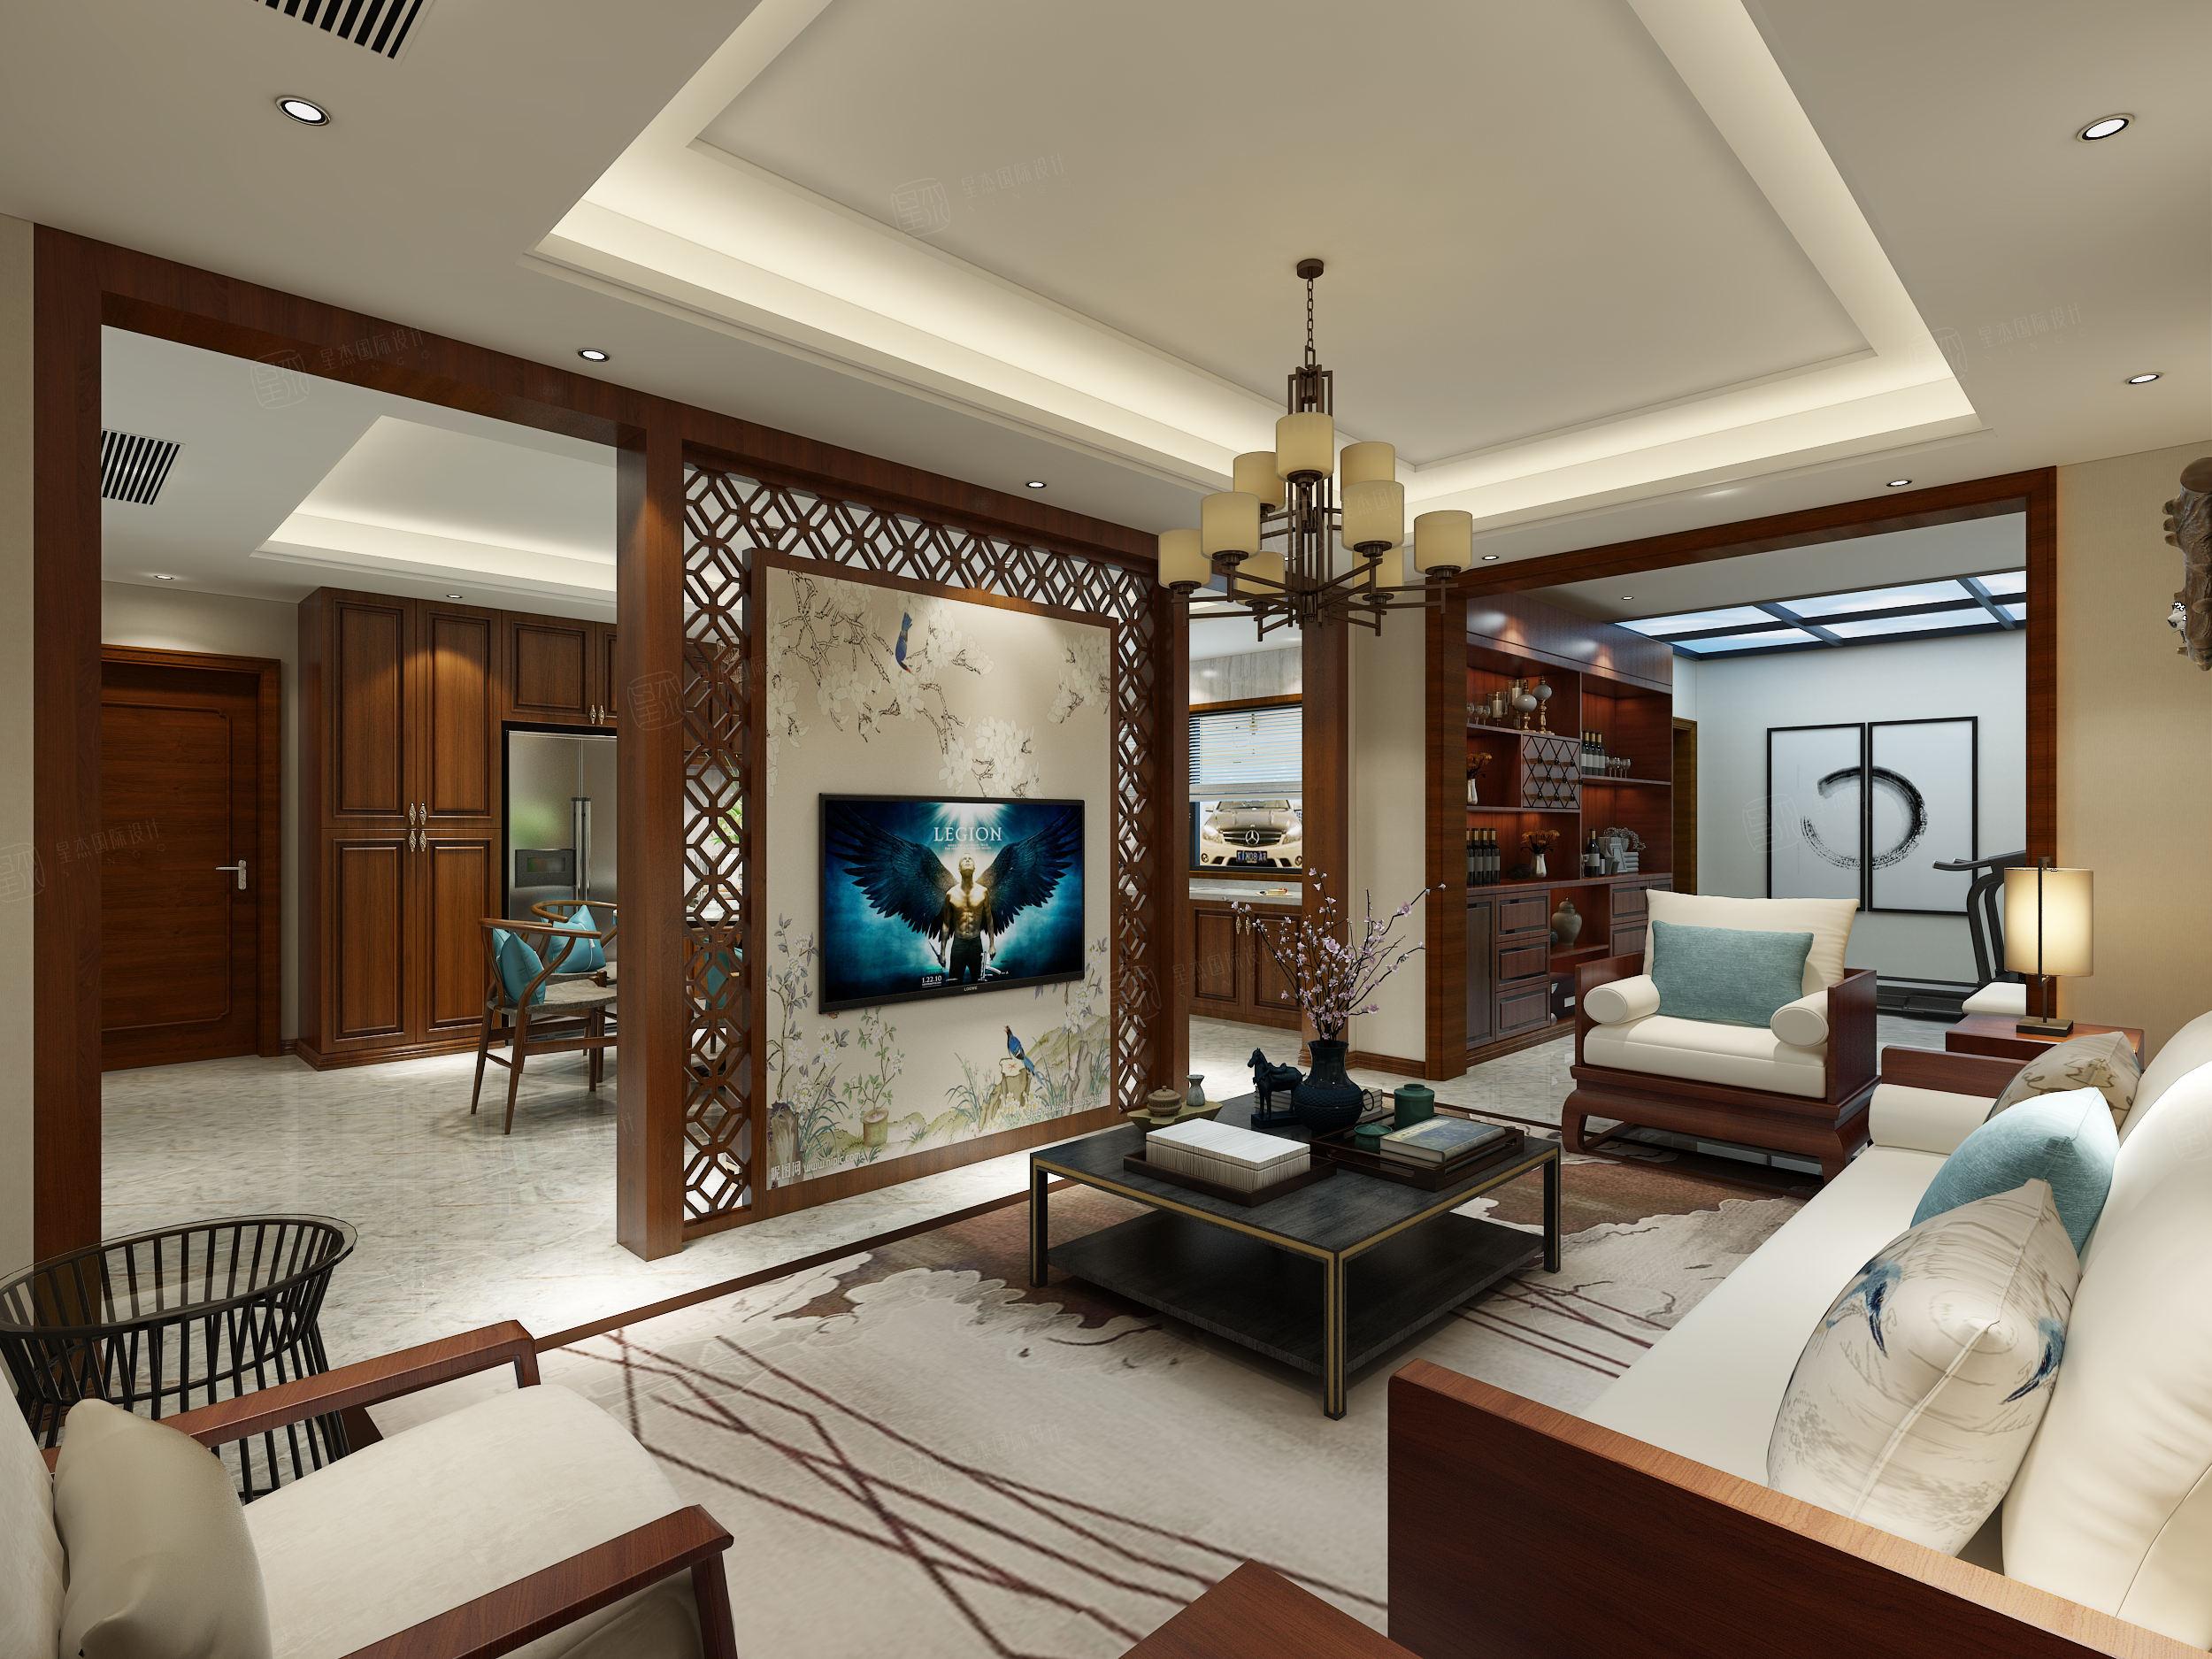 北京私人别墅 新古典装修会客厅效果图